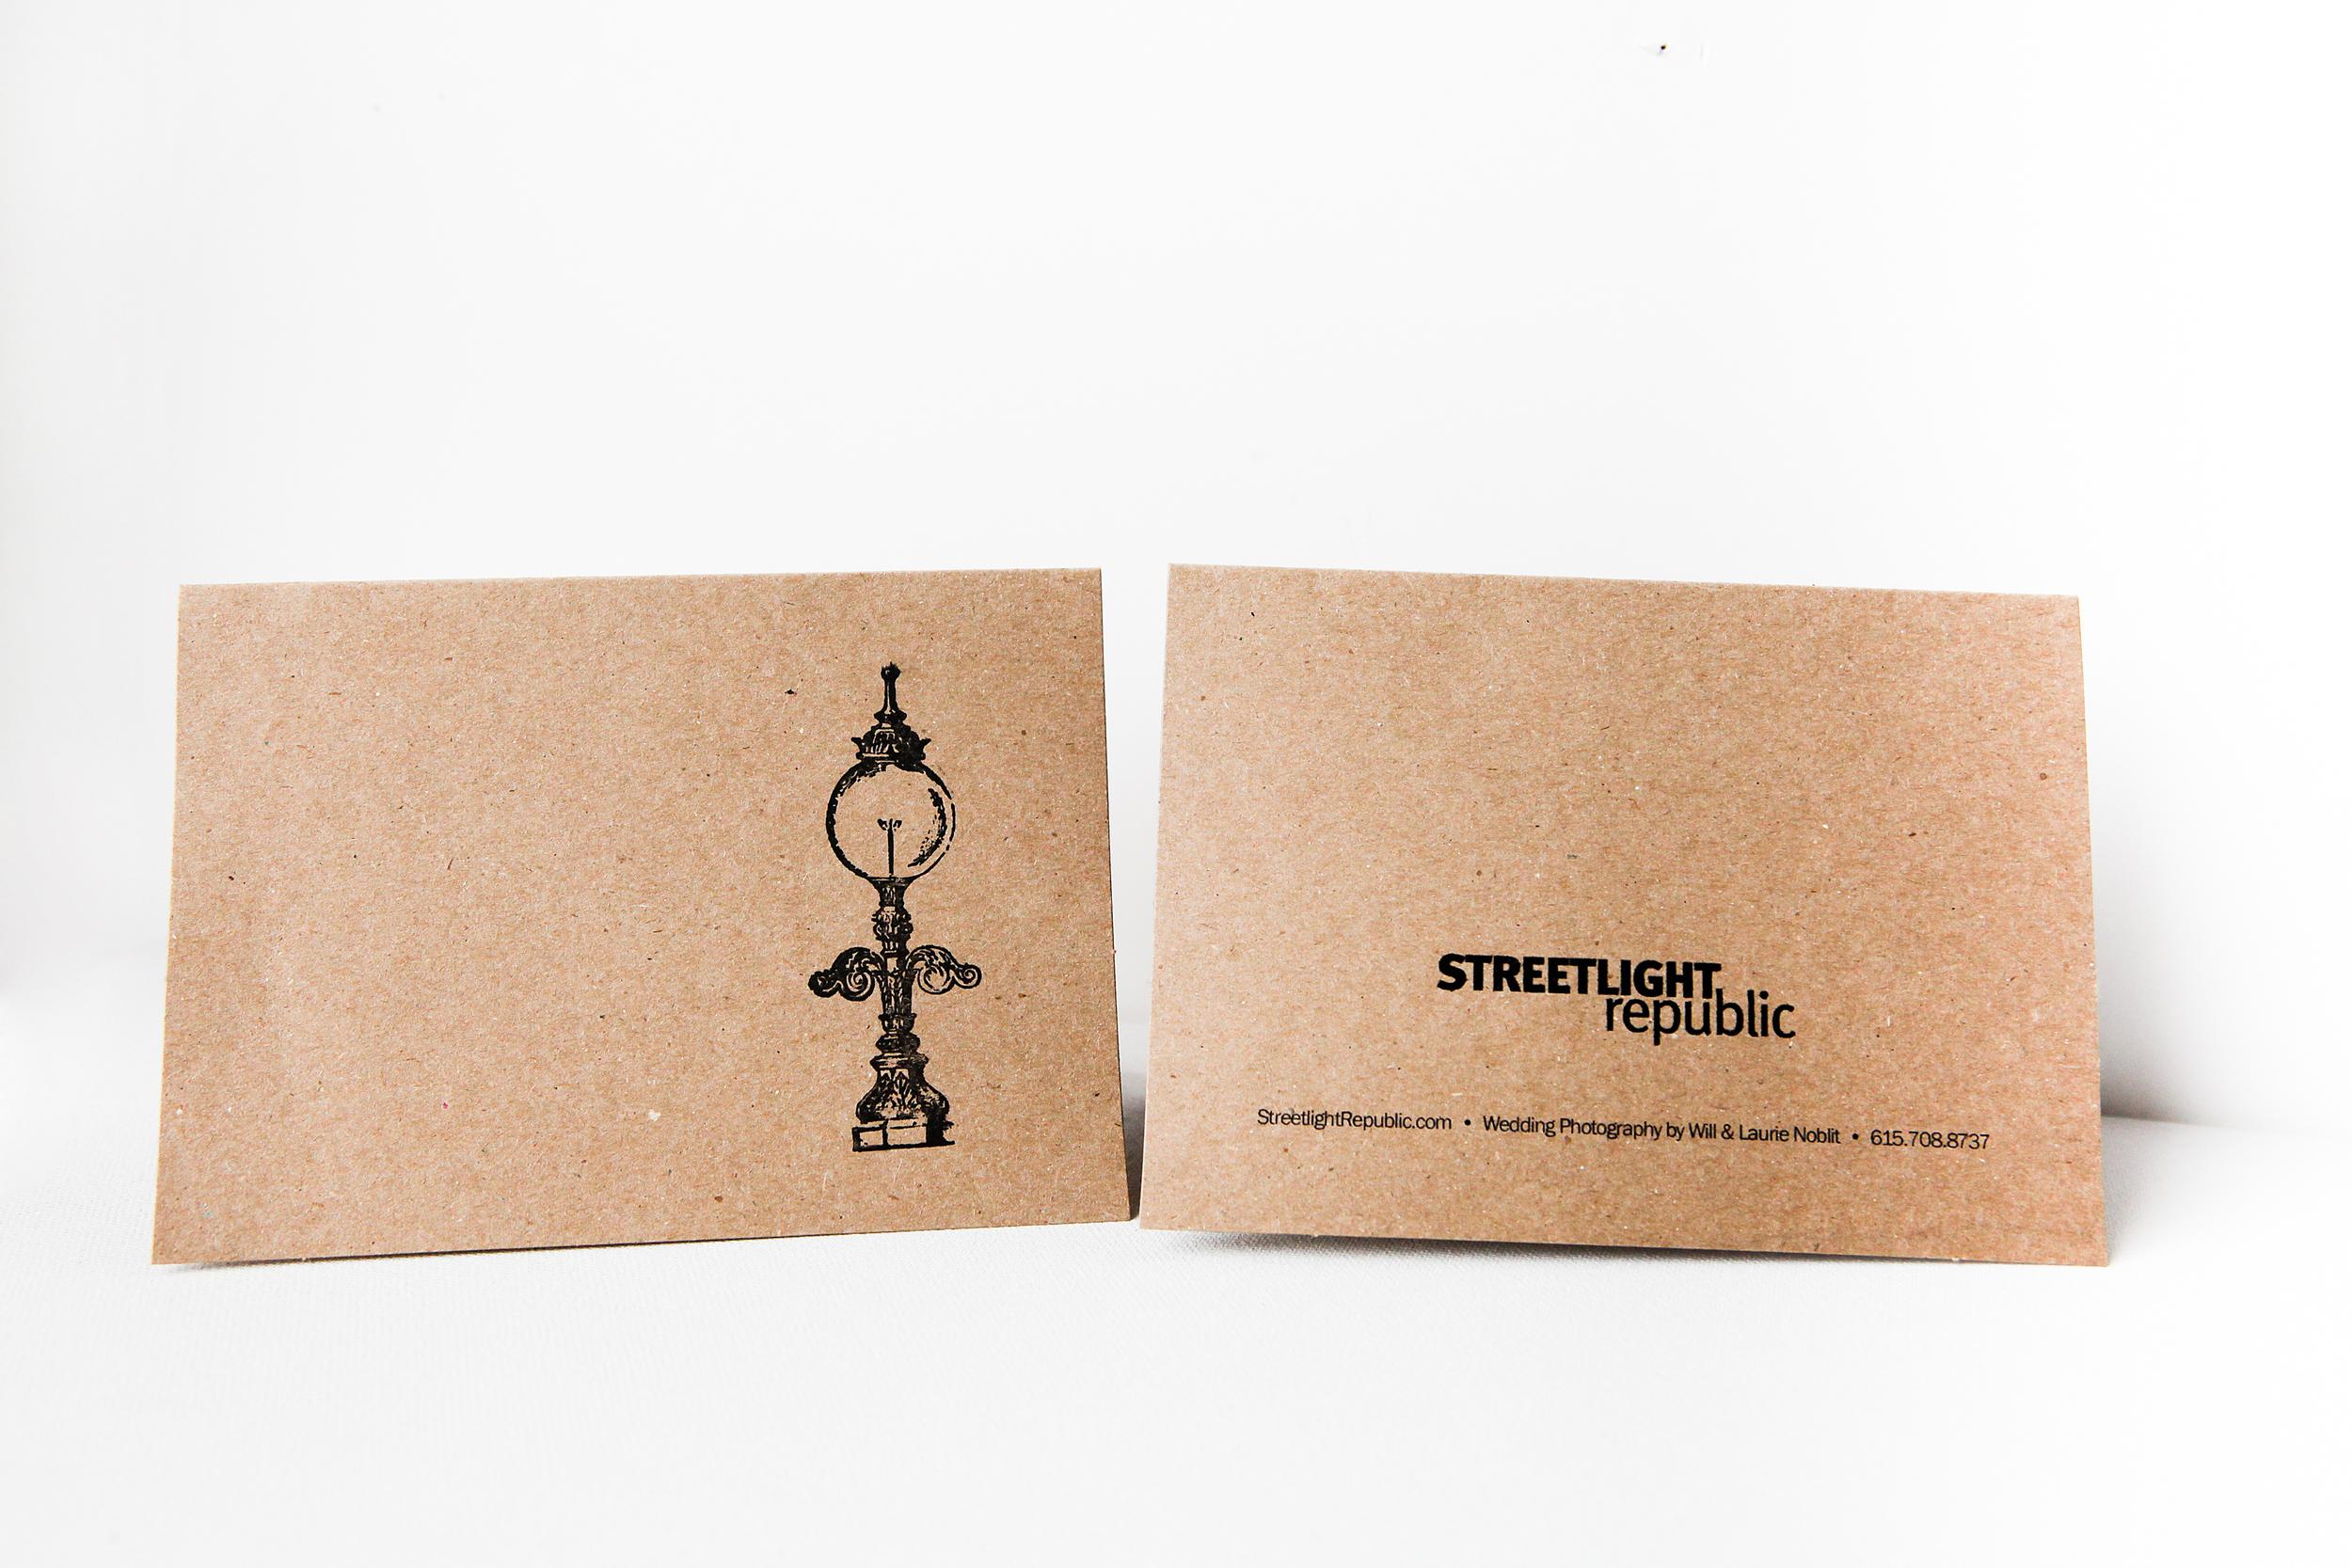 Streetlight Republic - Marketing Materials